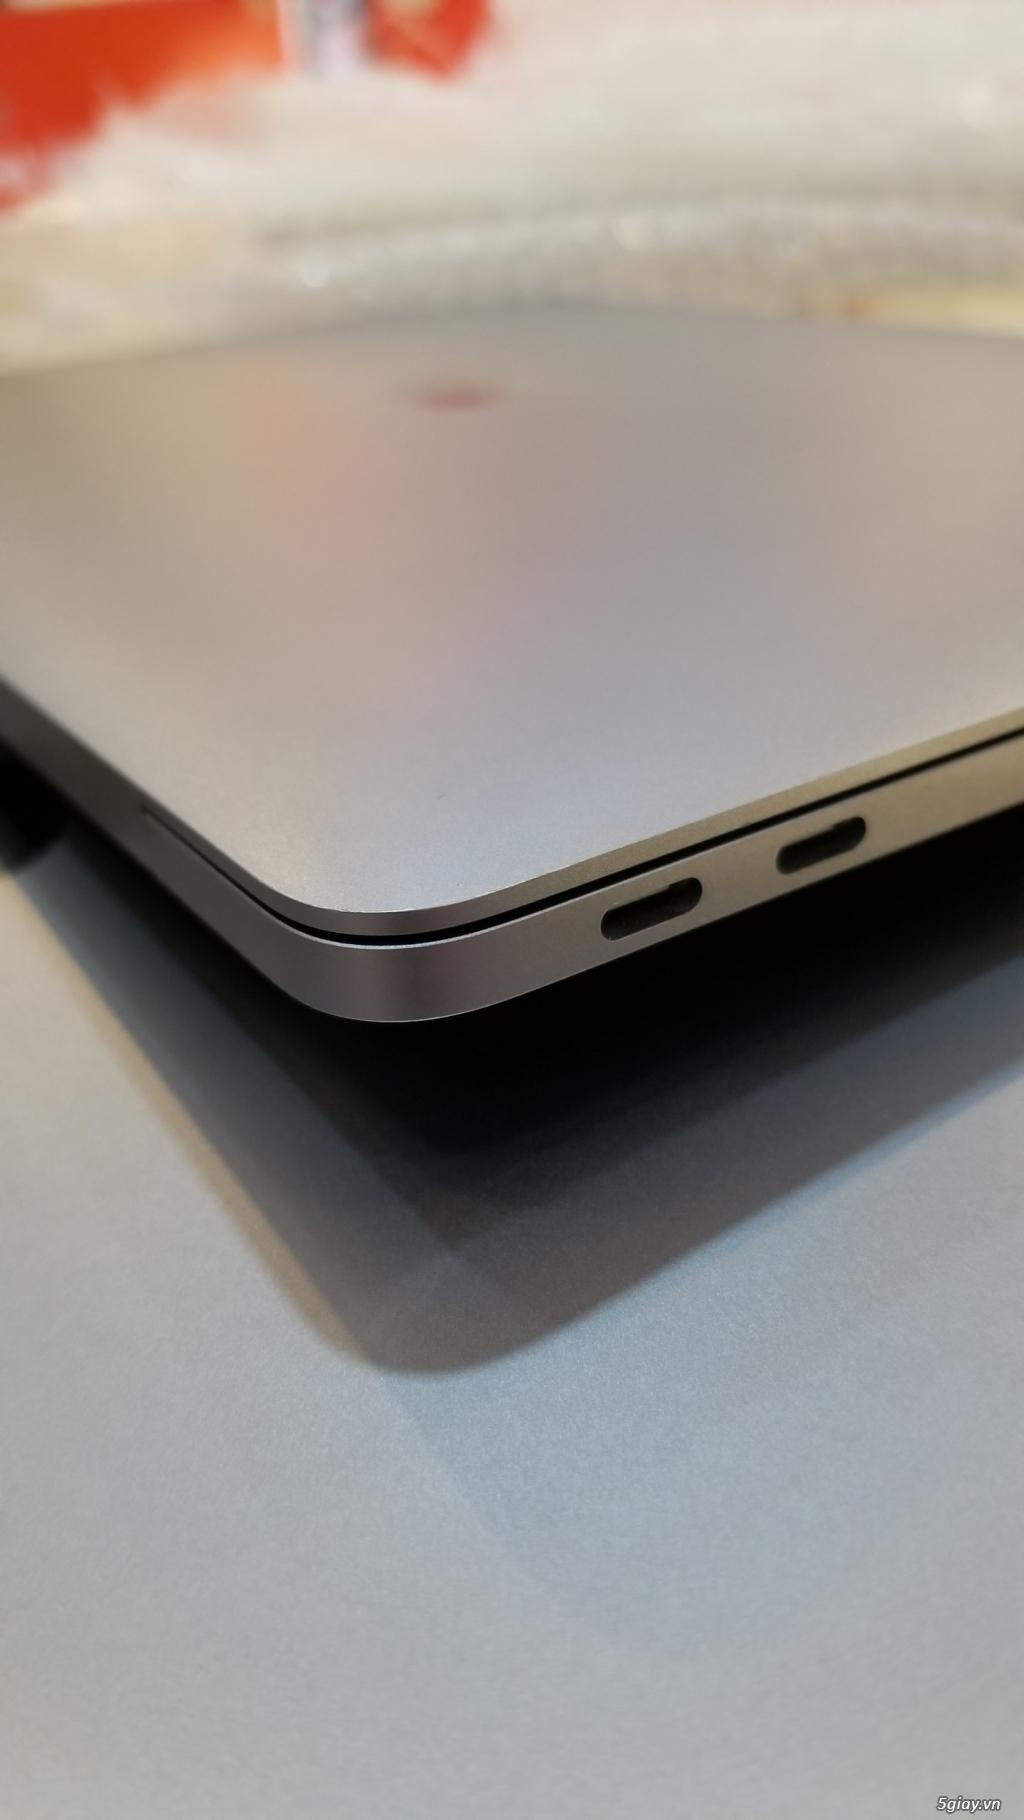 [Huy Hoàng Mobile] MacBook Pro 13inch 2018 - MR9Q2 97% (có fix mạnh) - 4